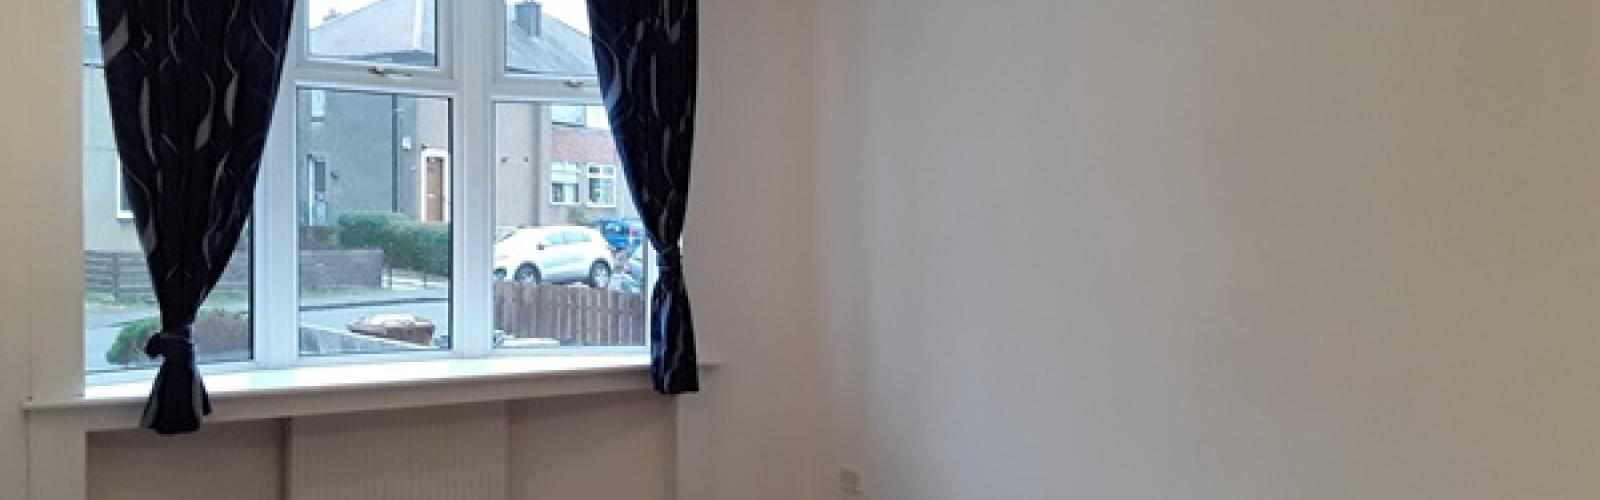 2 Bedrooms Bedrooms,1 BathroomBathrooms,Flat,1035